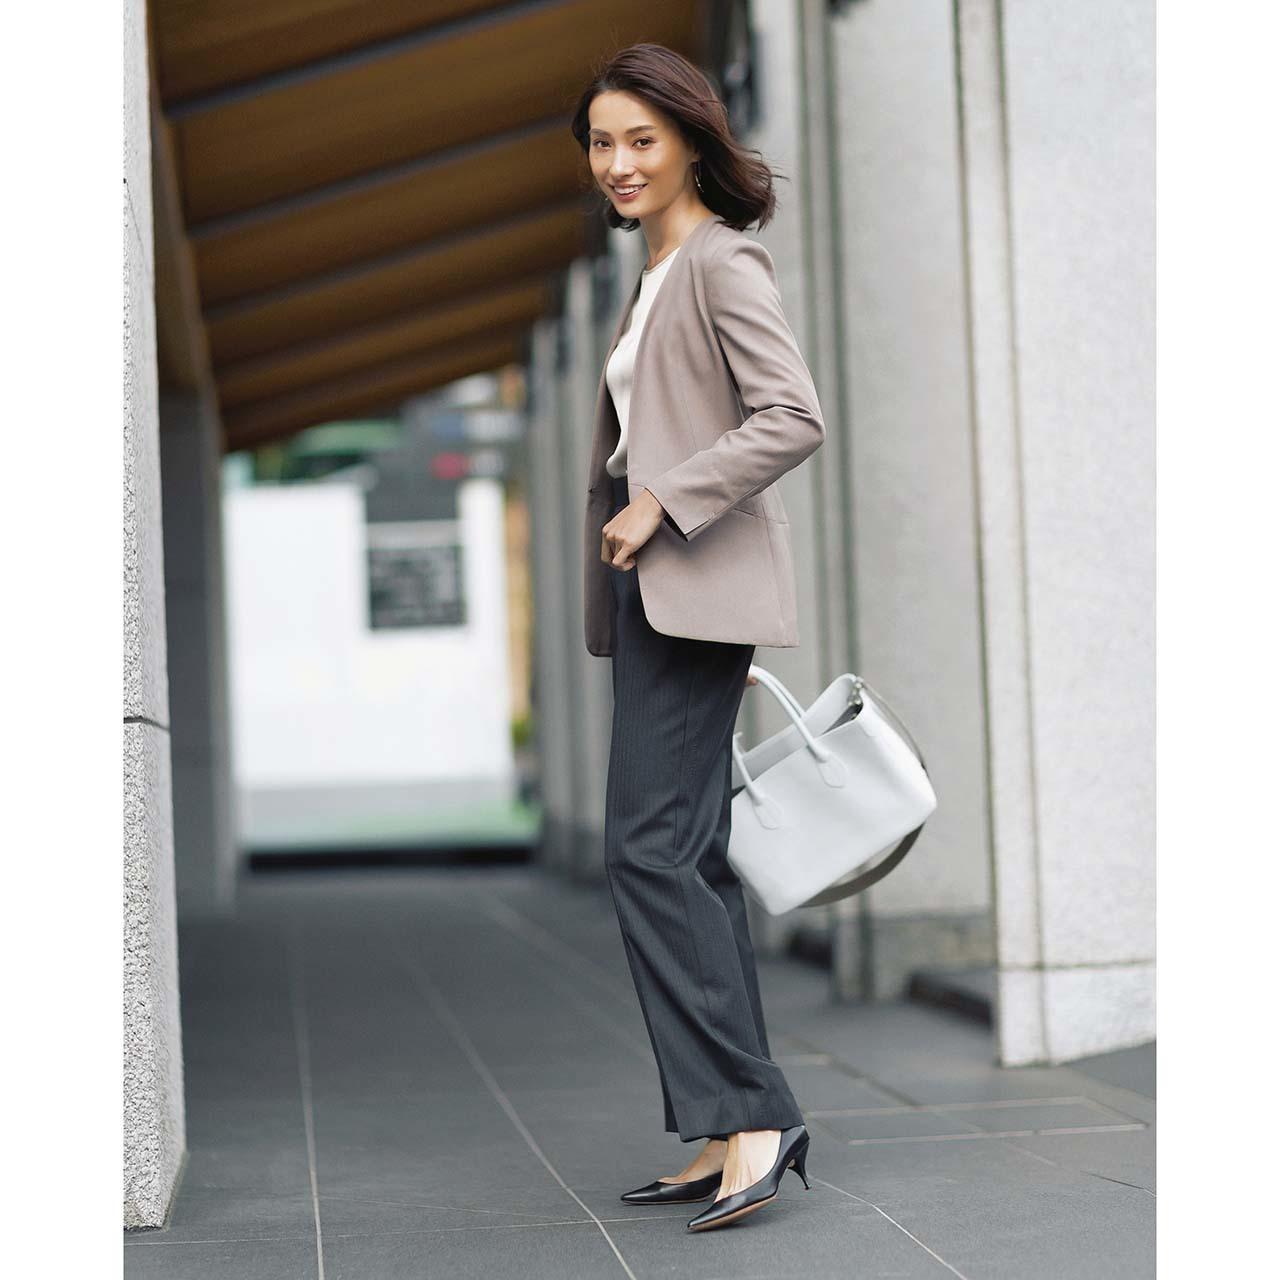 ノーカラージャケット×パンツのファッションコーデ